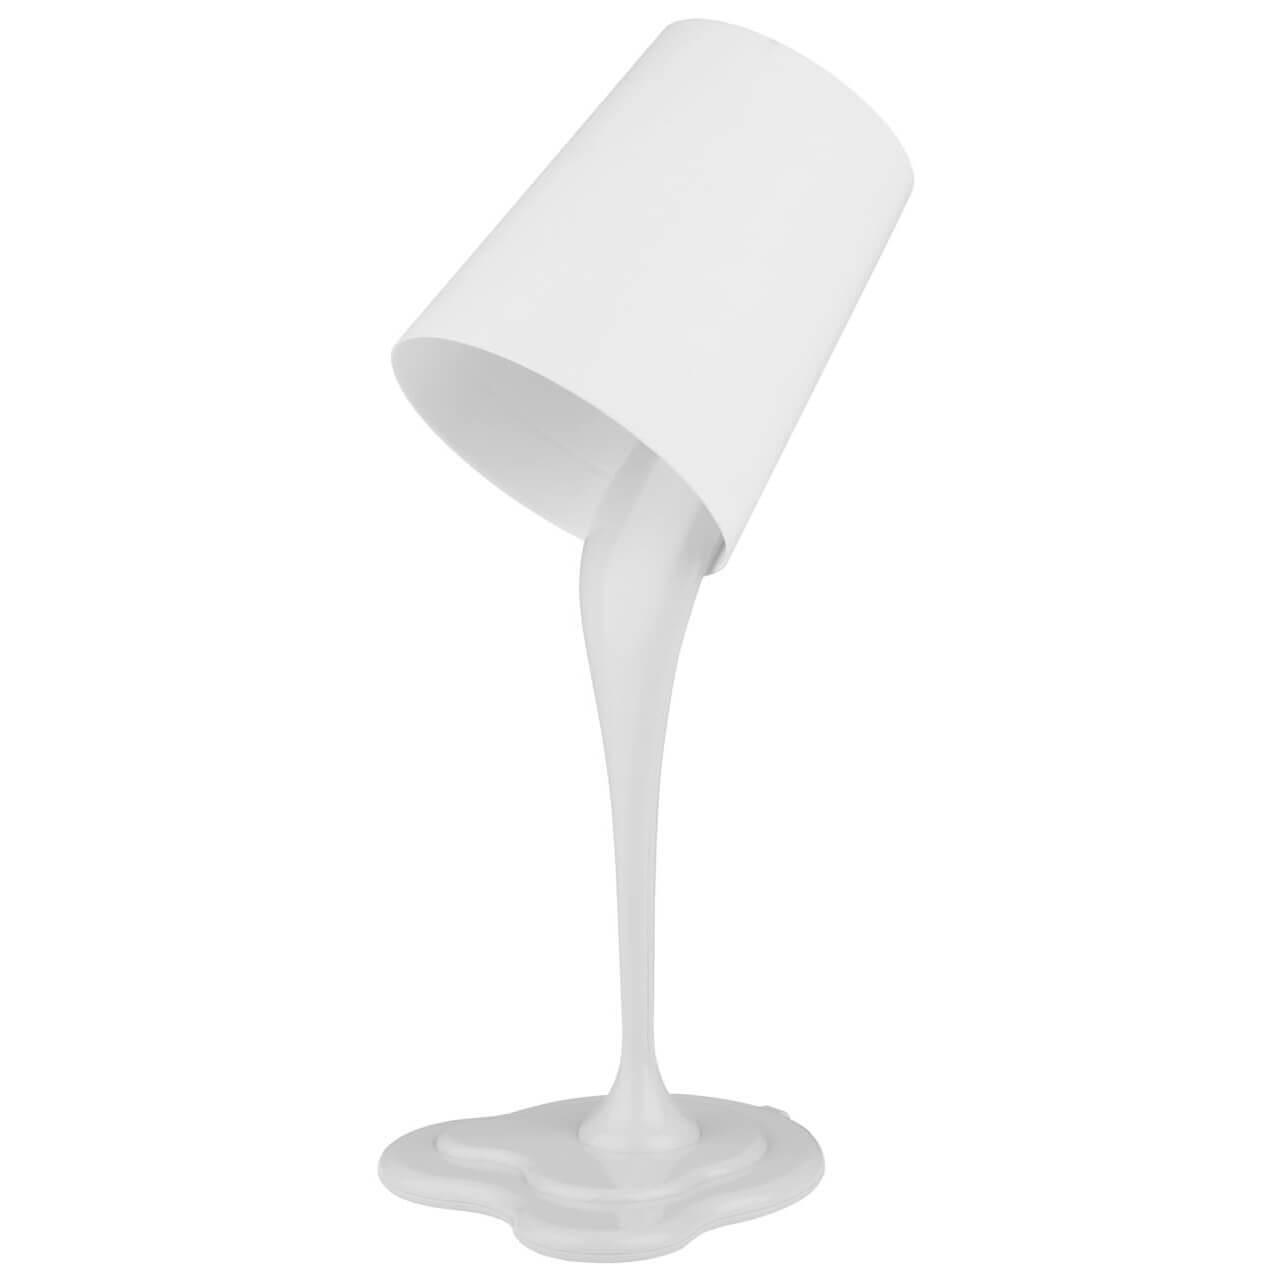 Настольная лампа ЭРА NE-306-E27-25W-W настольная лампа эра ne 306 e27 25w w